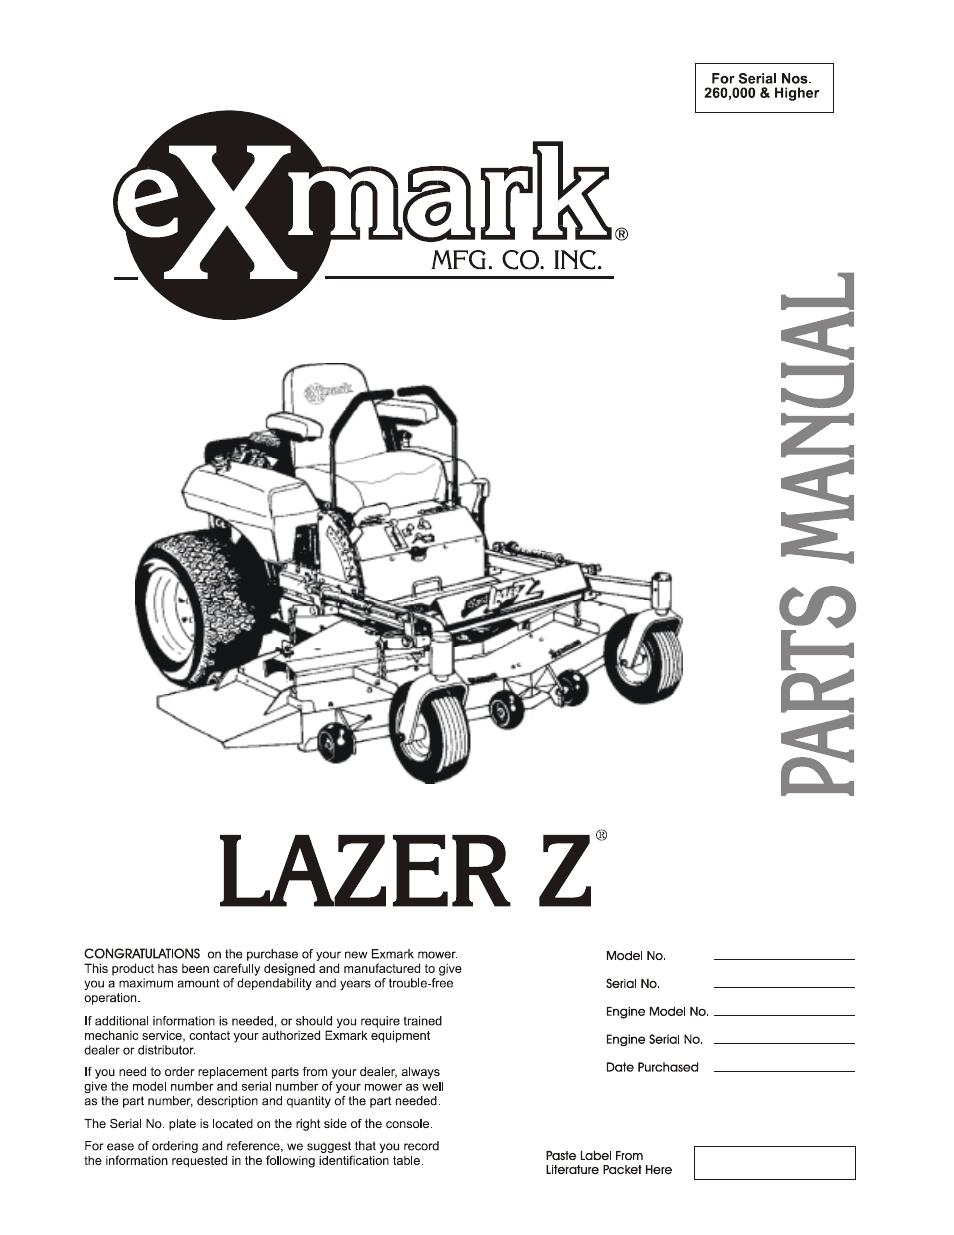 Exmark 48 Drive Belt Diagram - Wiring Schematics